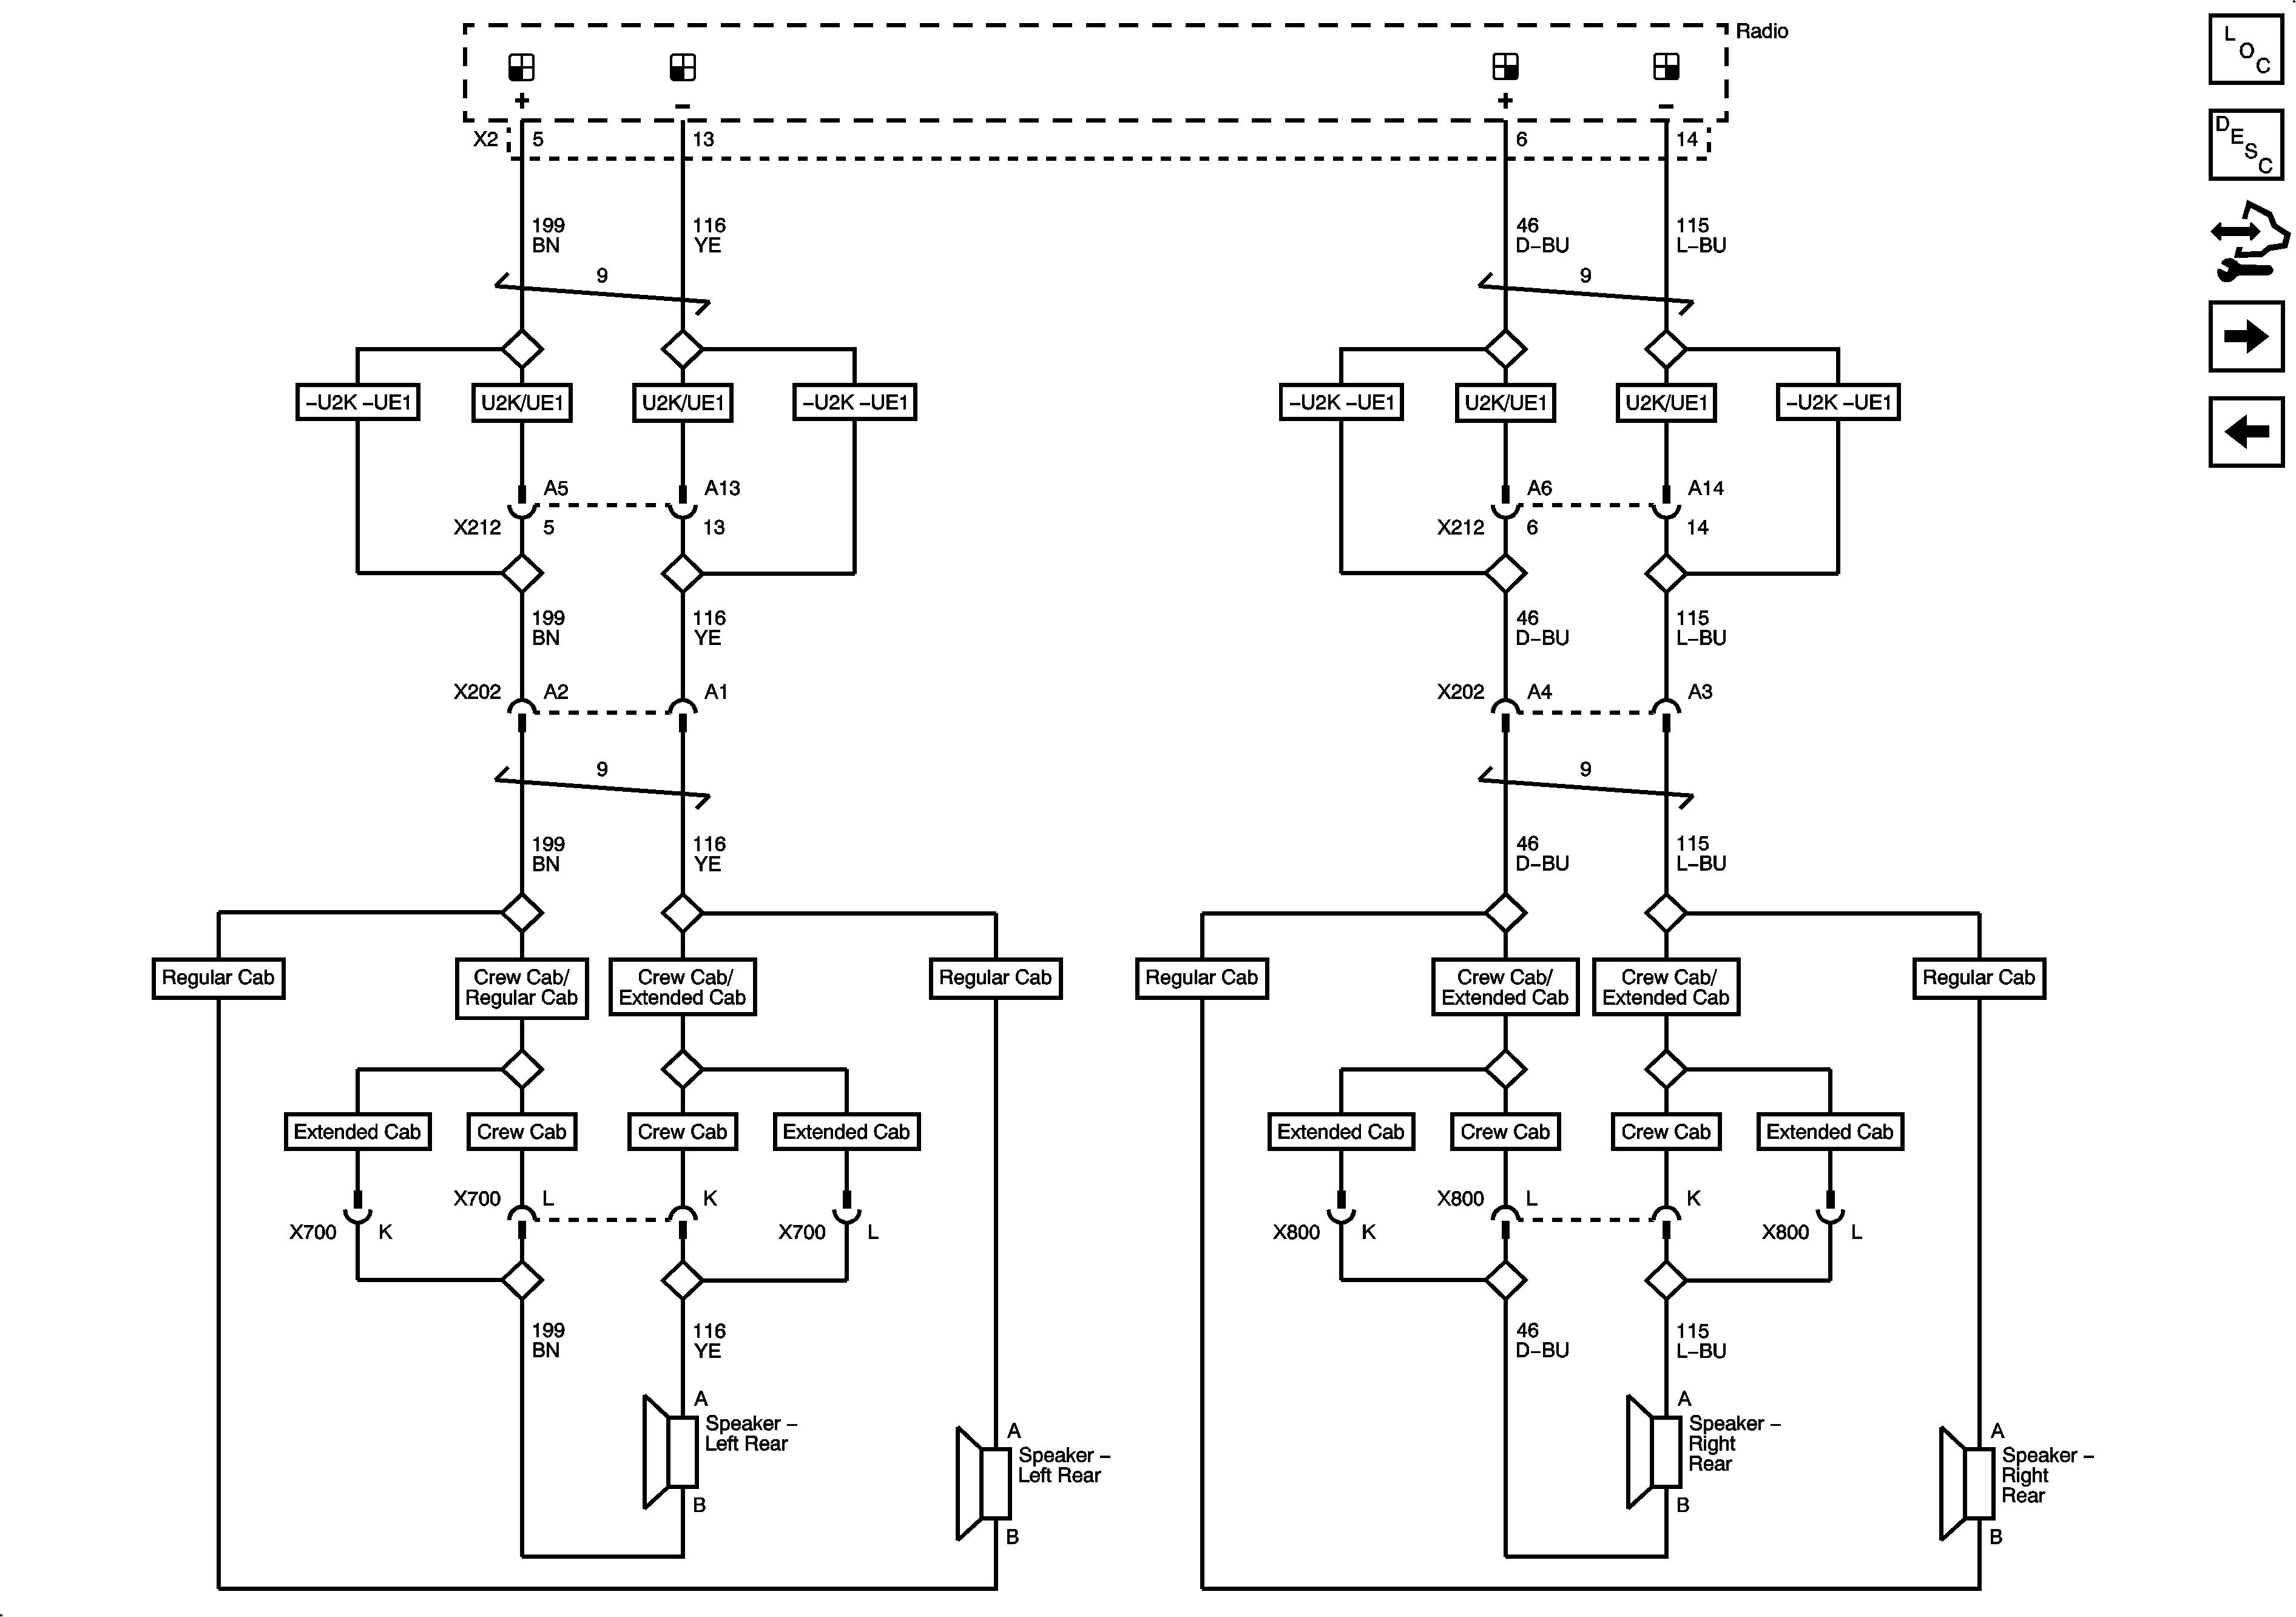 2008 Chevy Silverado Radio Wiring Diagram